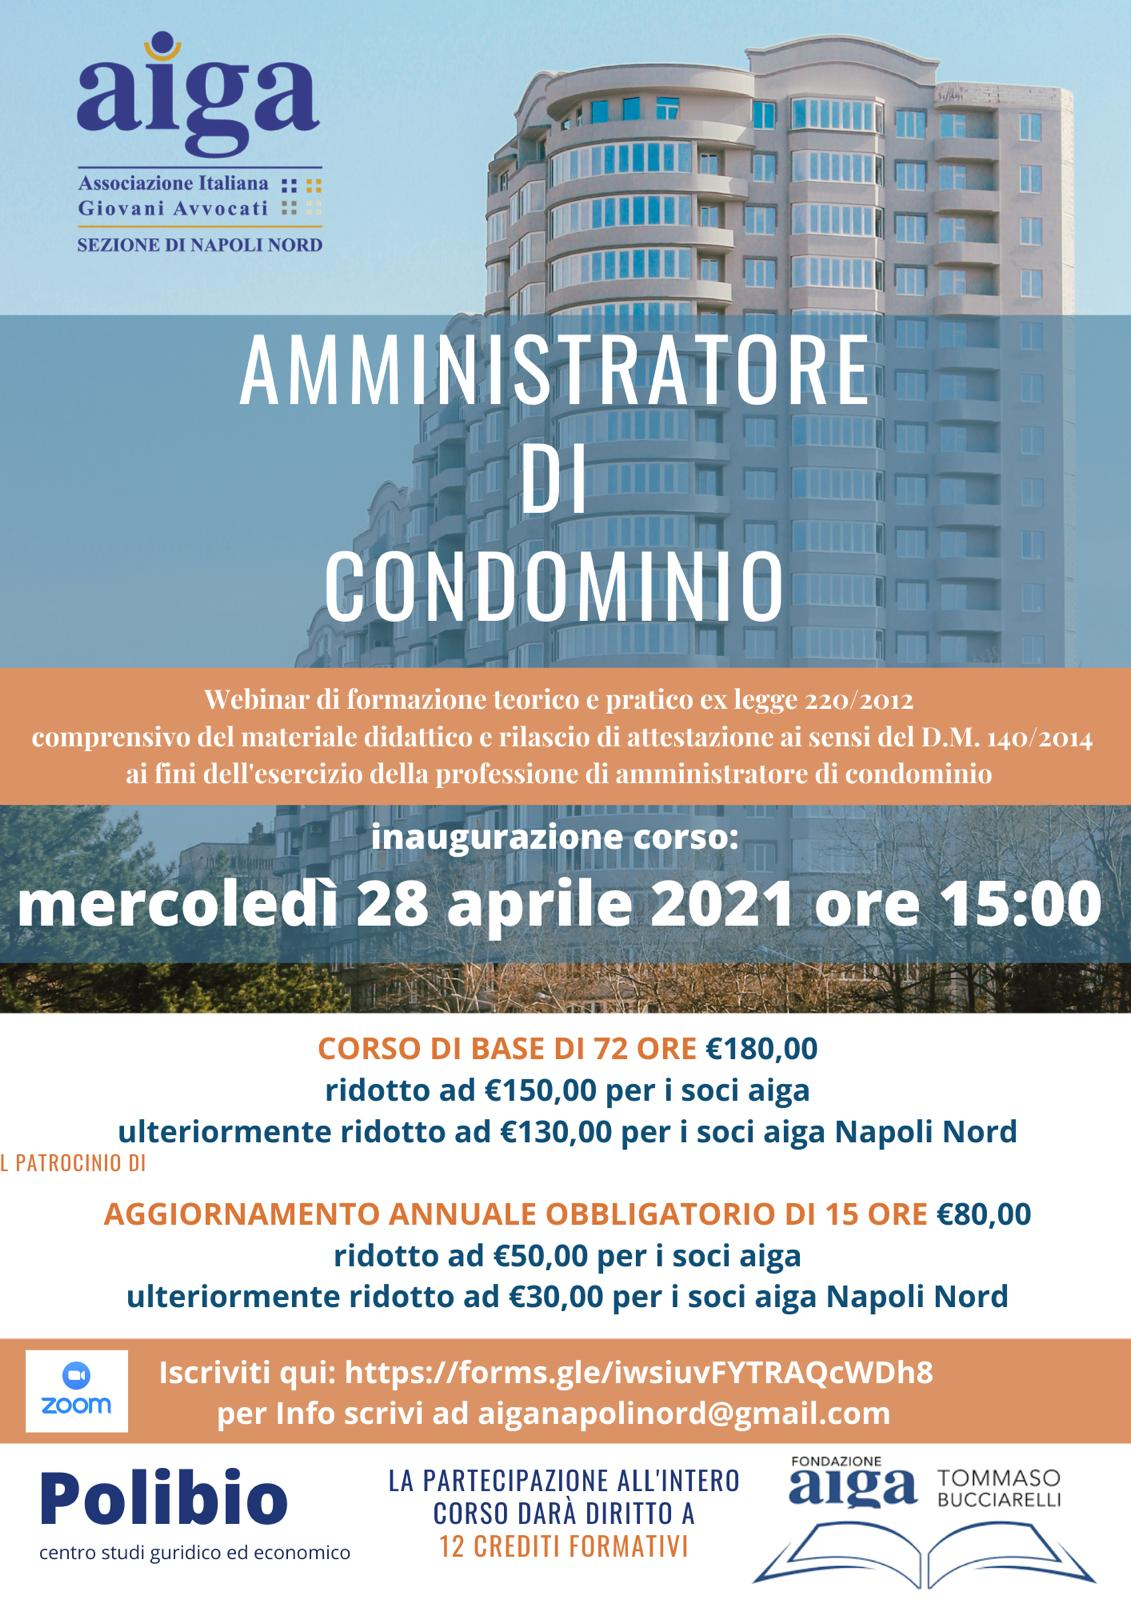 Aiga Napoli Nord: Corso per amministratore di condominio